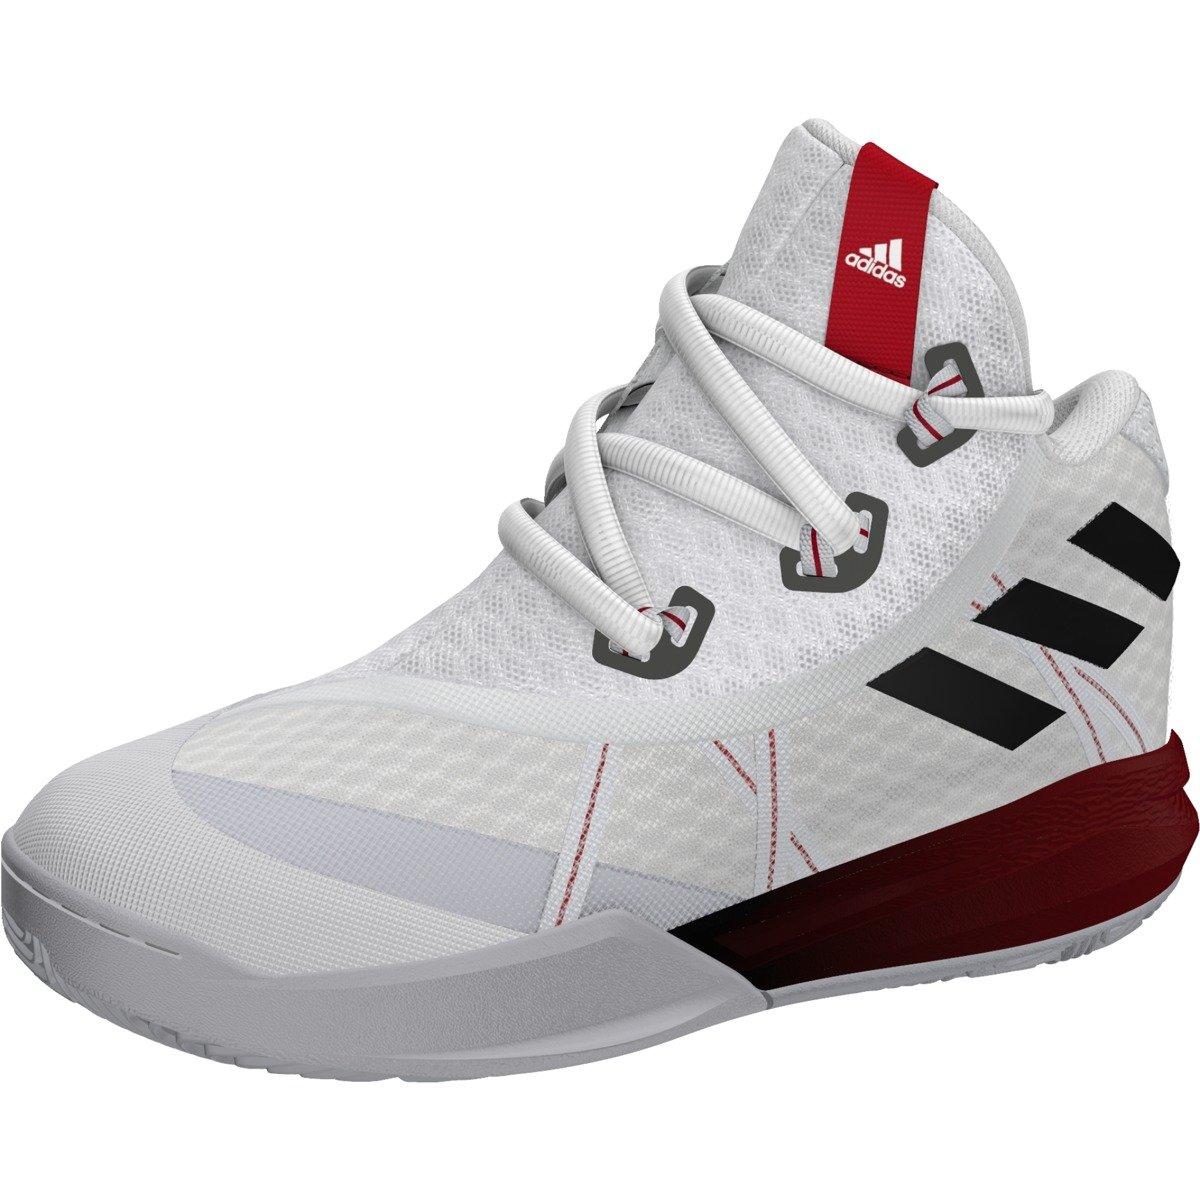 size 40 7bea6 2efef ... Adidas Energy Bounce BB Basketbalové Boty - BW0527 ...